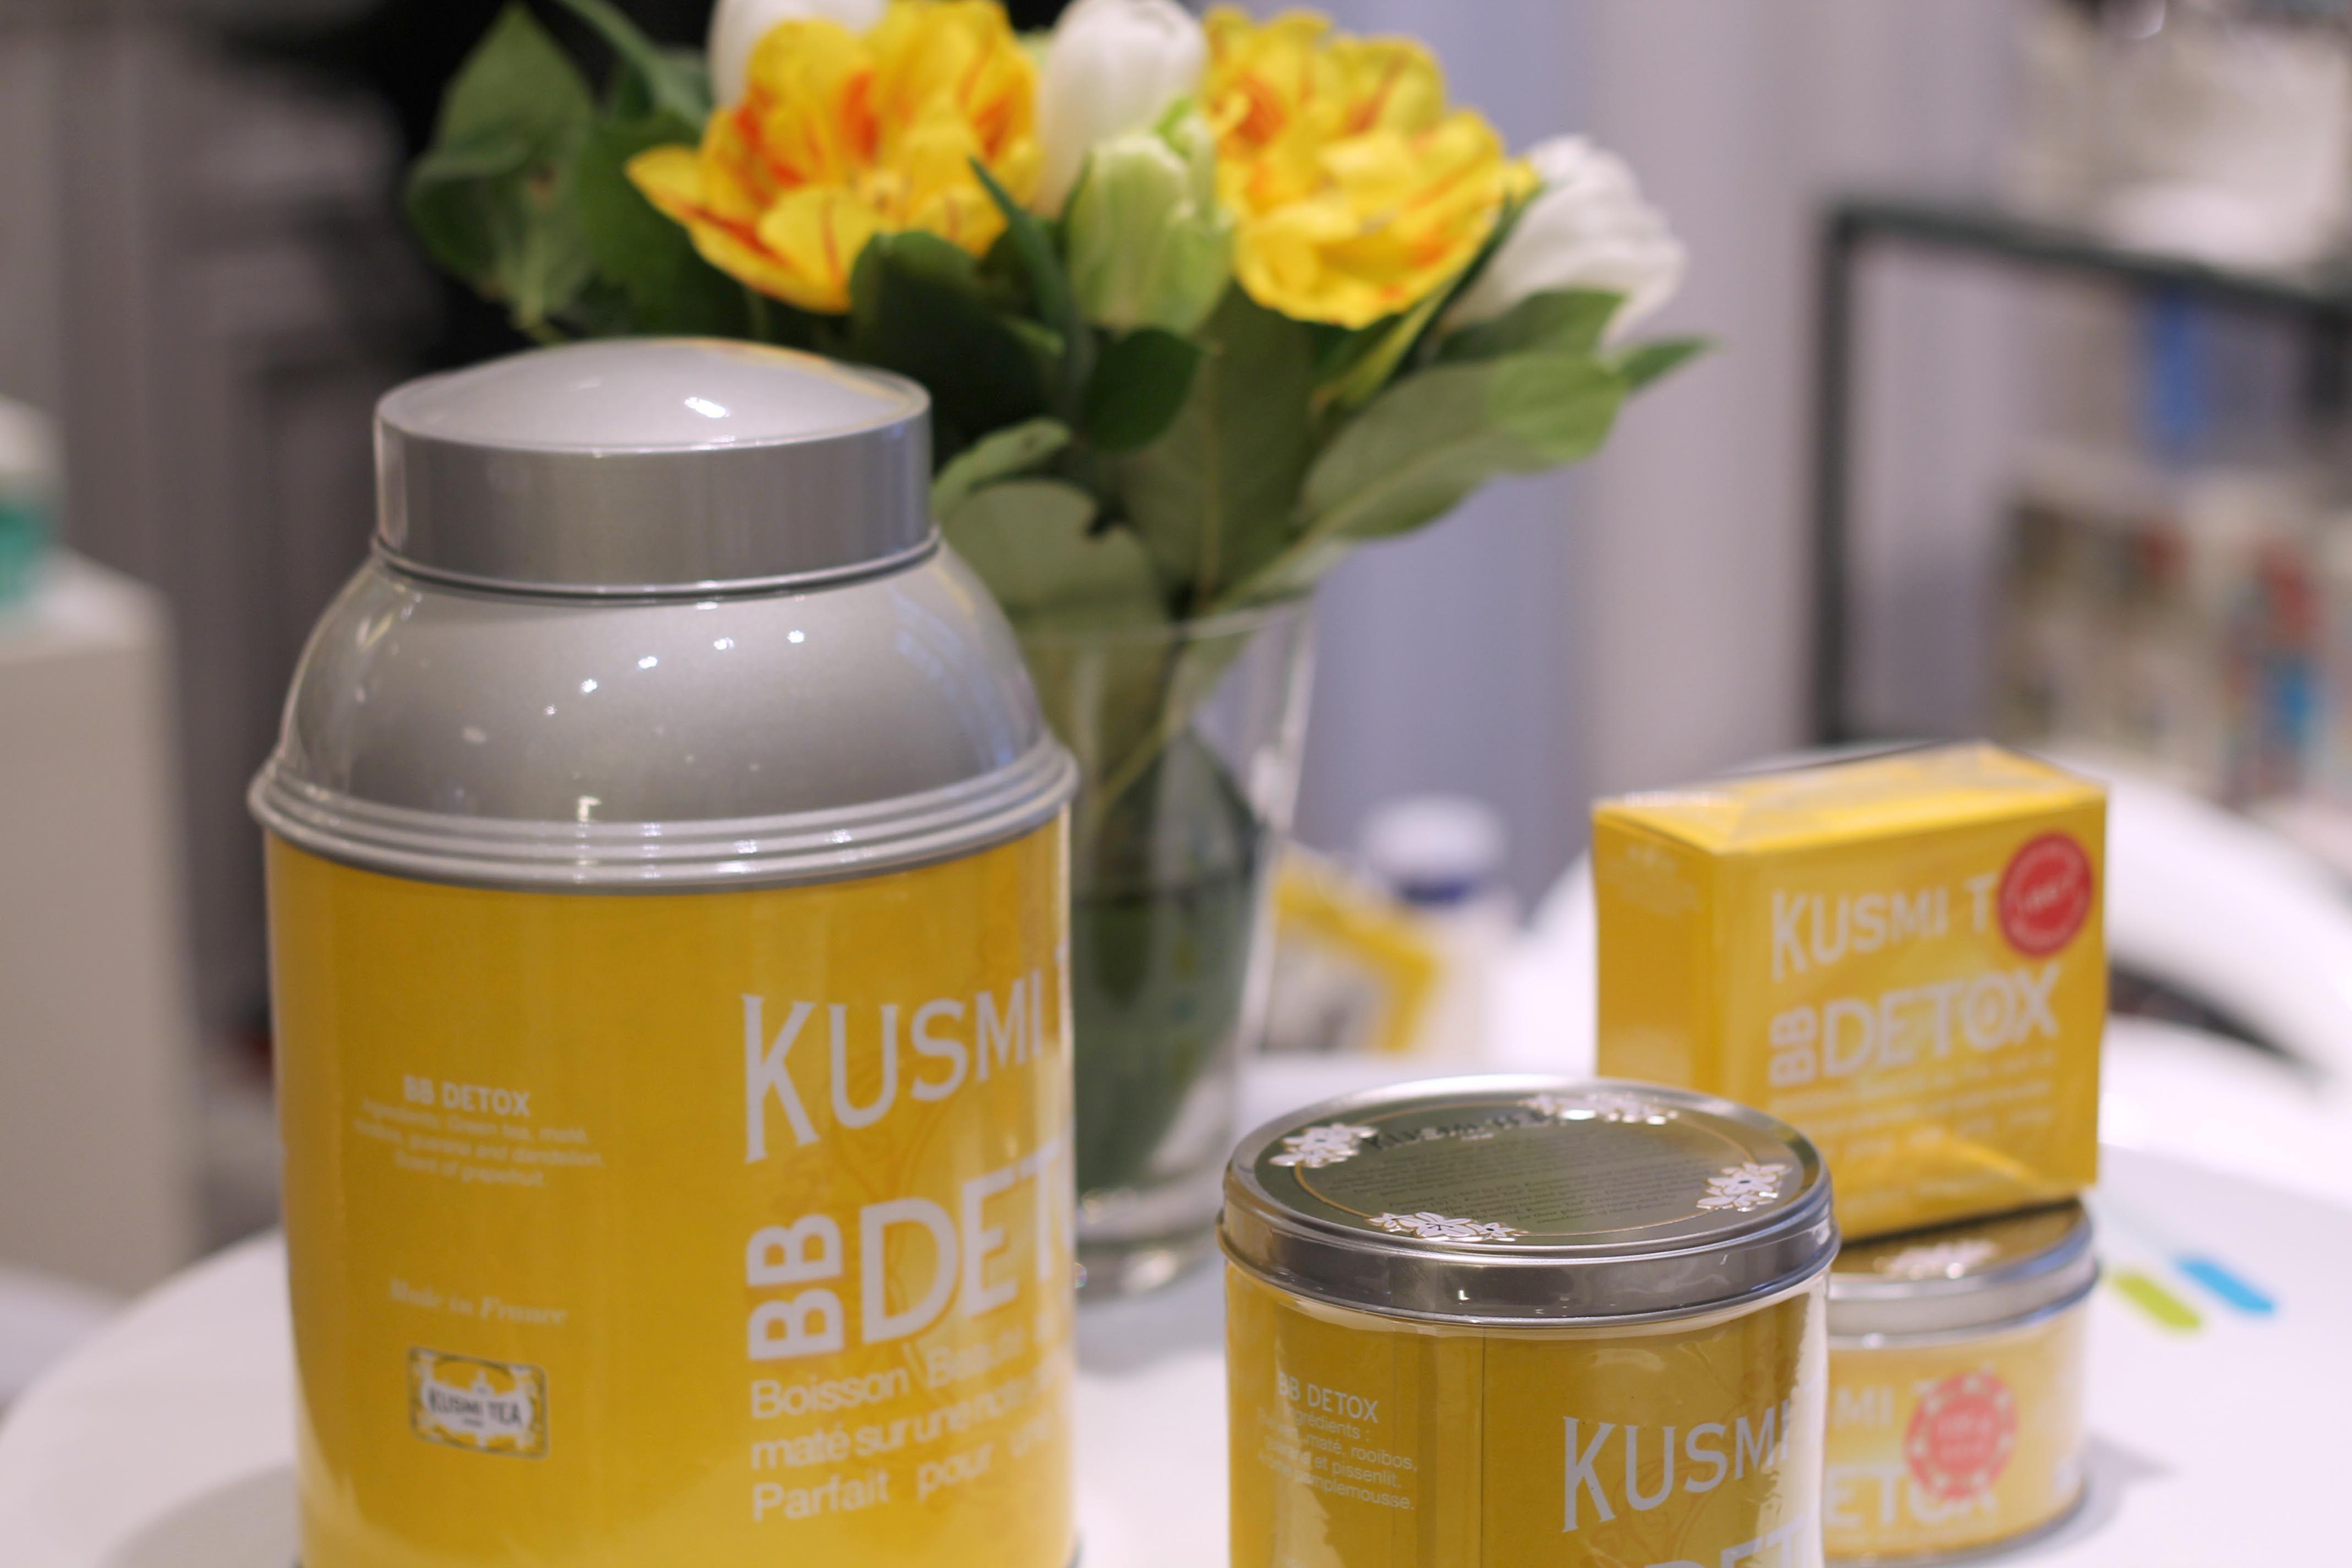 d couverte du nouveau kusmi tea bb detox au caf kousmichoff detox teas and tea time. Black Bedroom Furniture Sets. Home Design Ideas